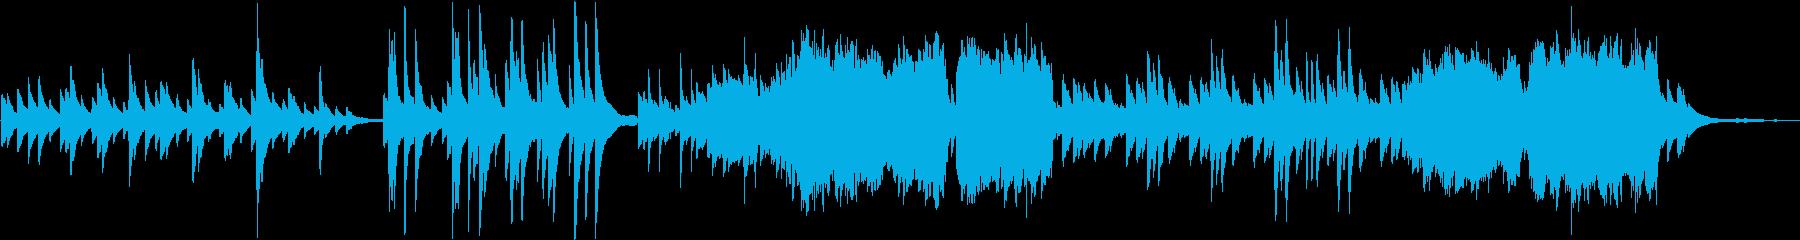 【ピアノ&木管楽器】温かい・平和・日常の再生済みの波形